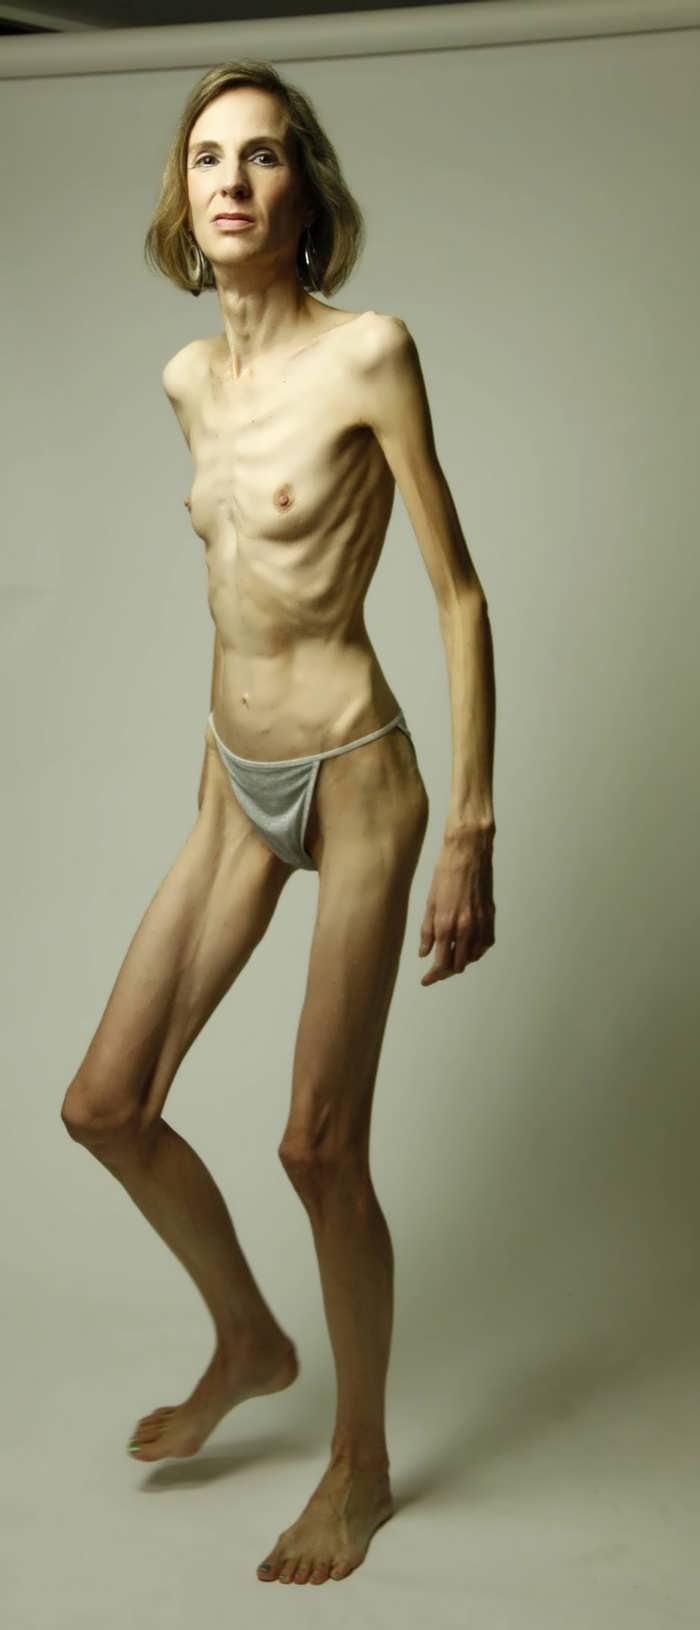 Extrem dünnes Mädchen nackt, Yamine porn